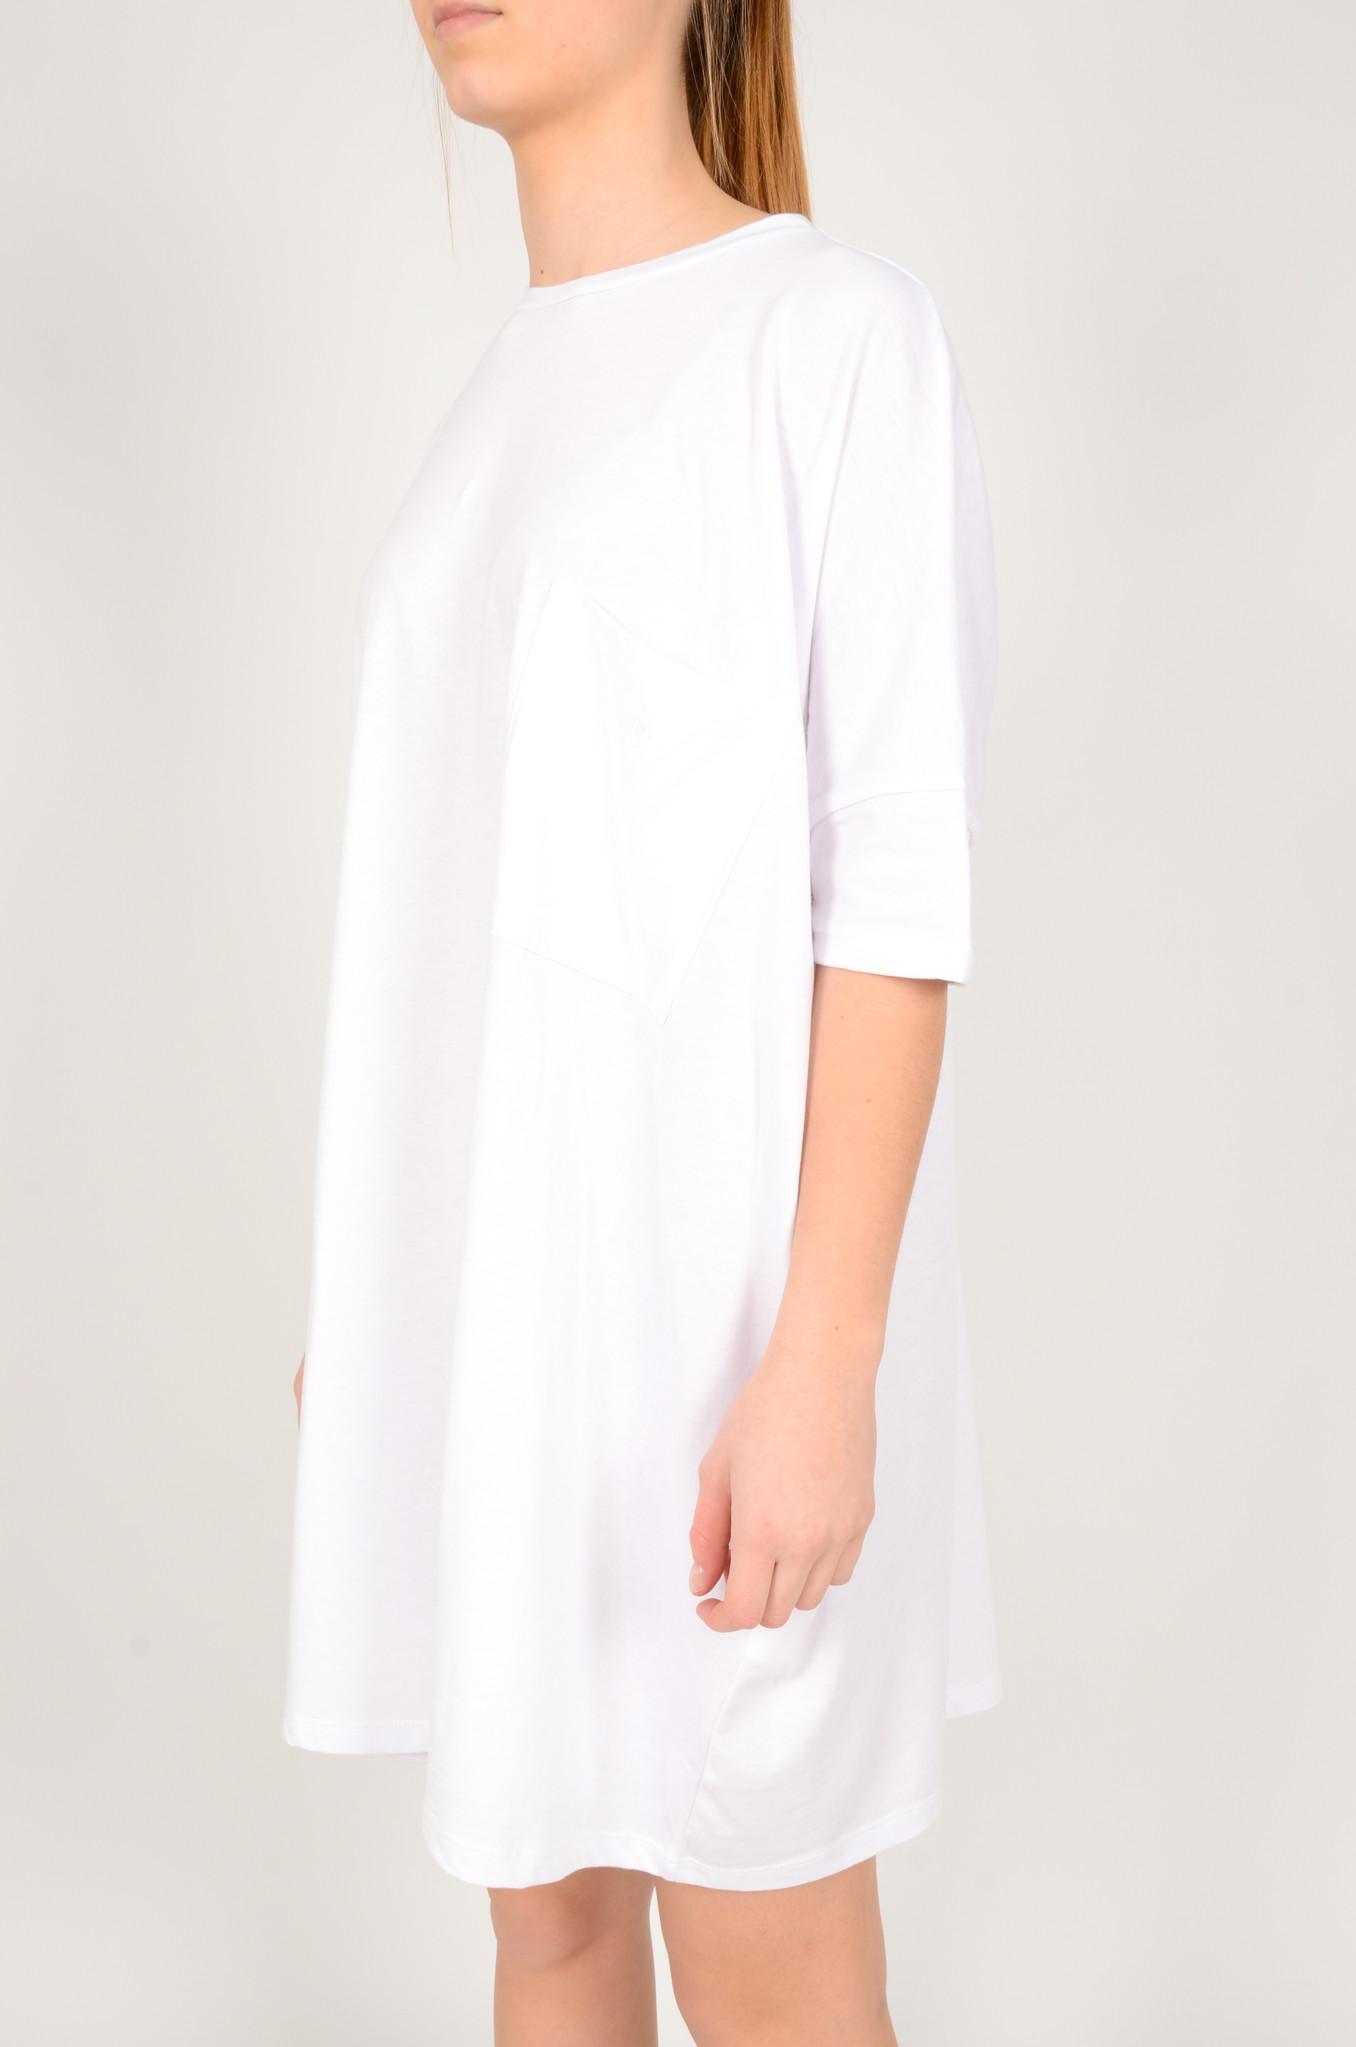 T-DRESS  WHITE-3